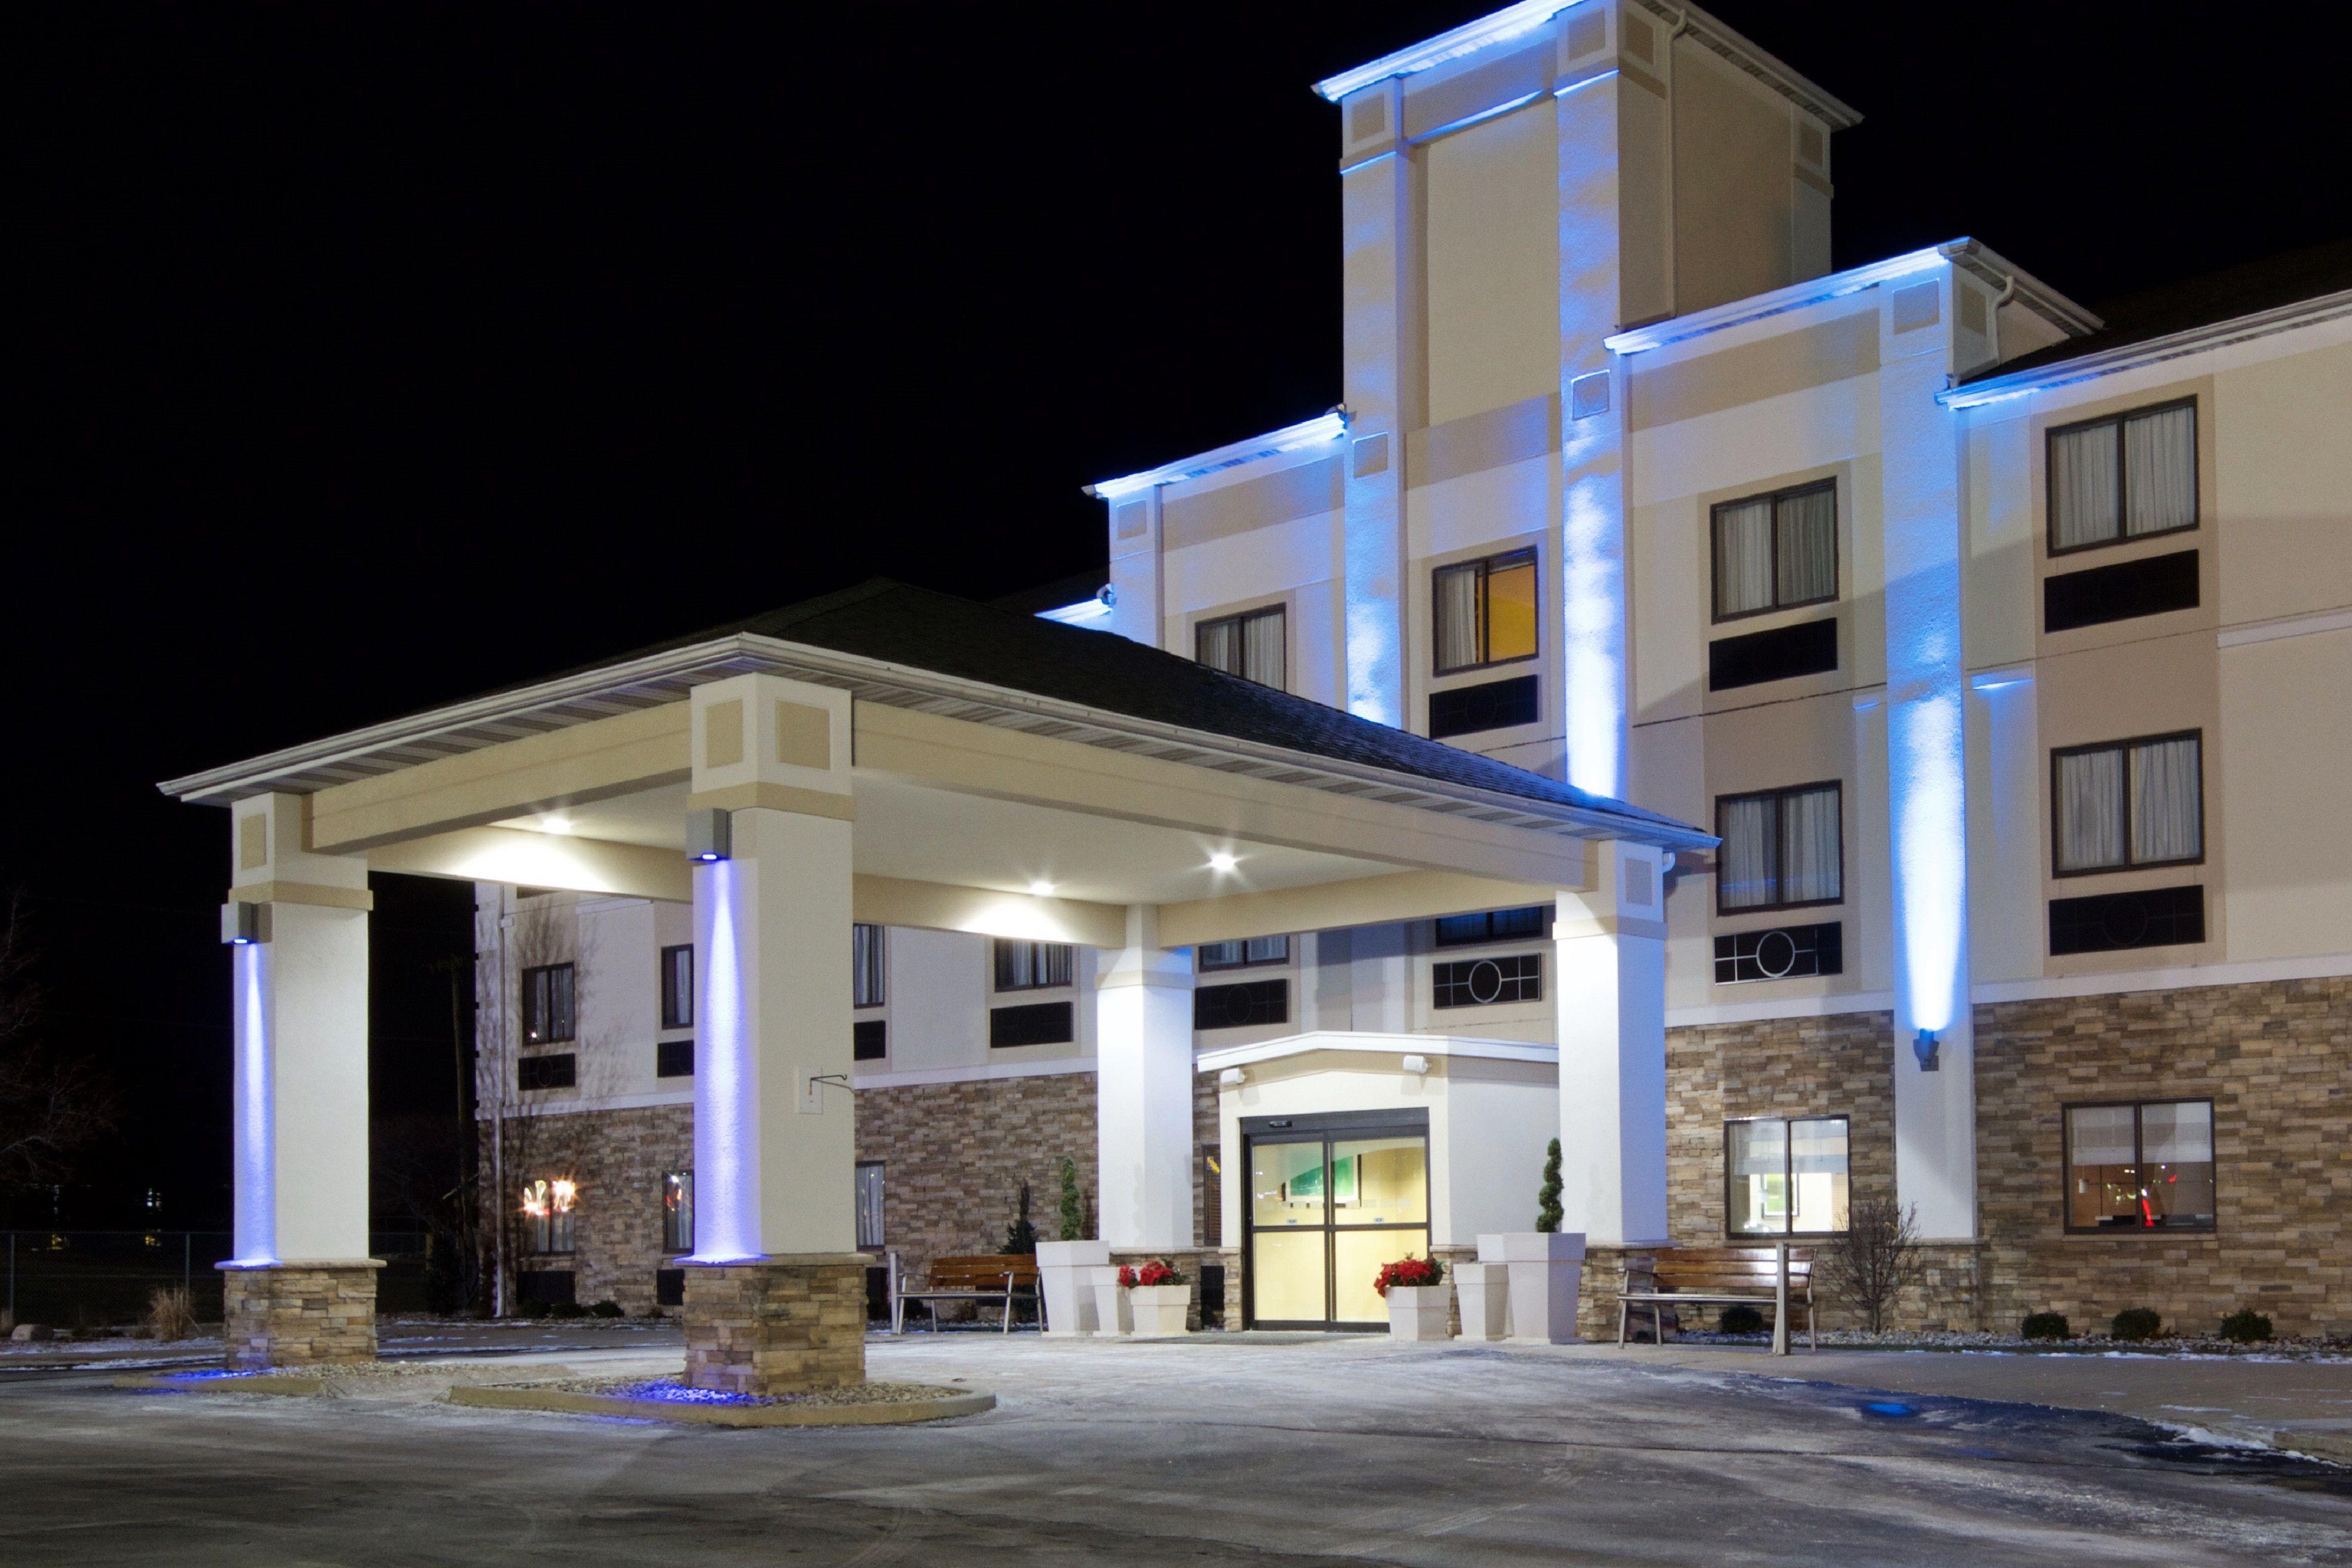 Holiday Inn Express & Suites Acworth - Kennesaw Northwest image 3